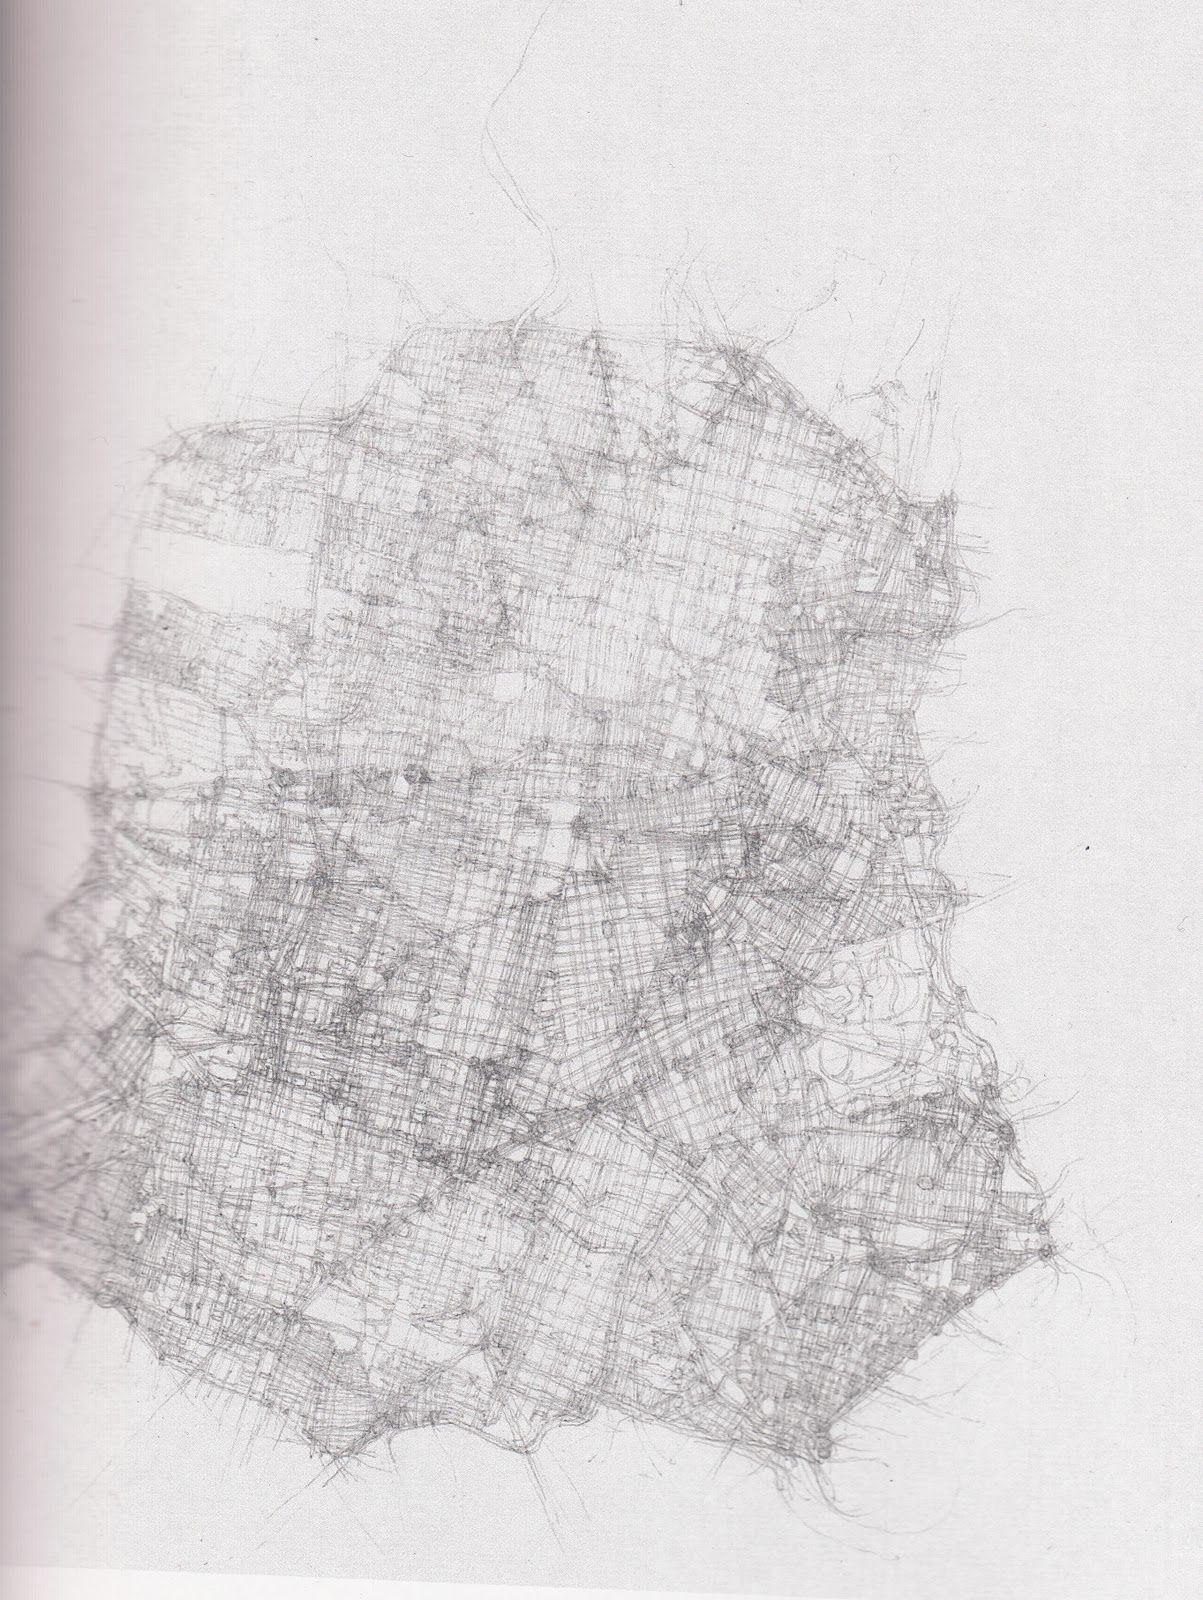 City Drawings by Kathy Prendergast